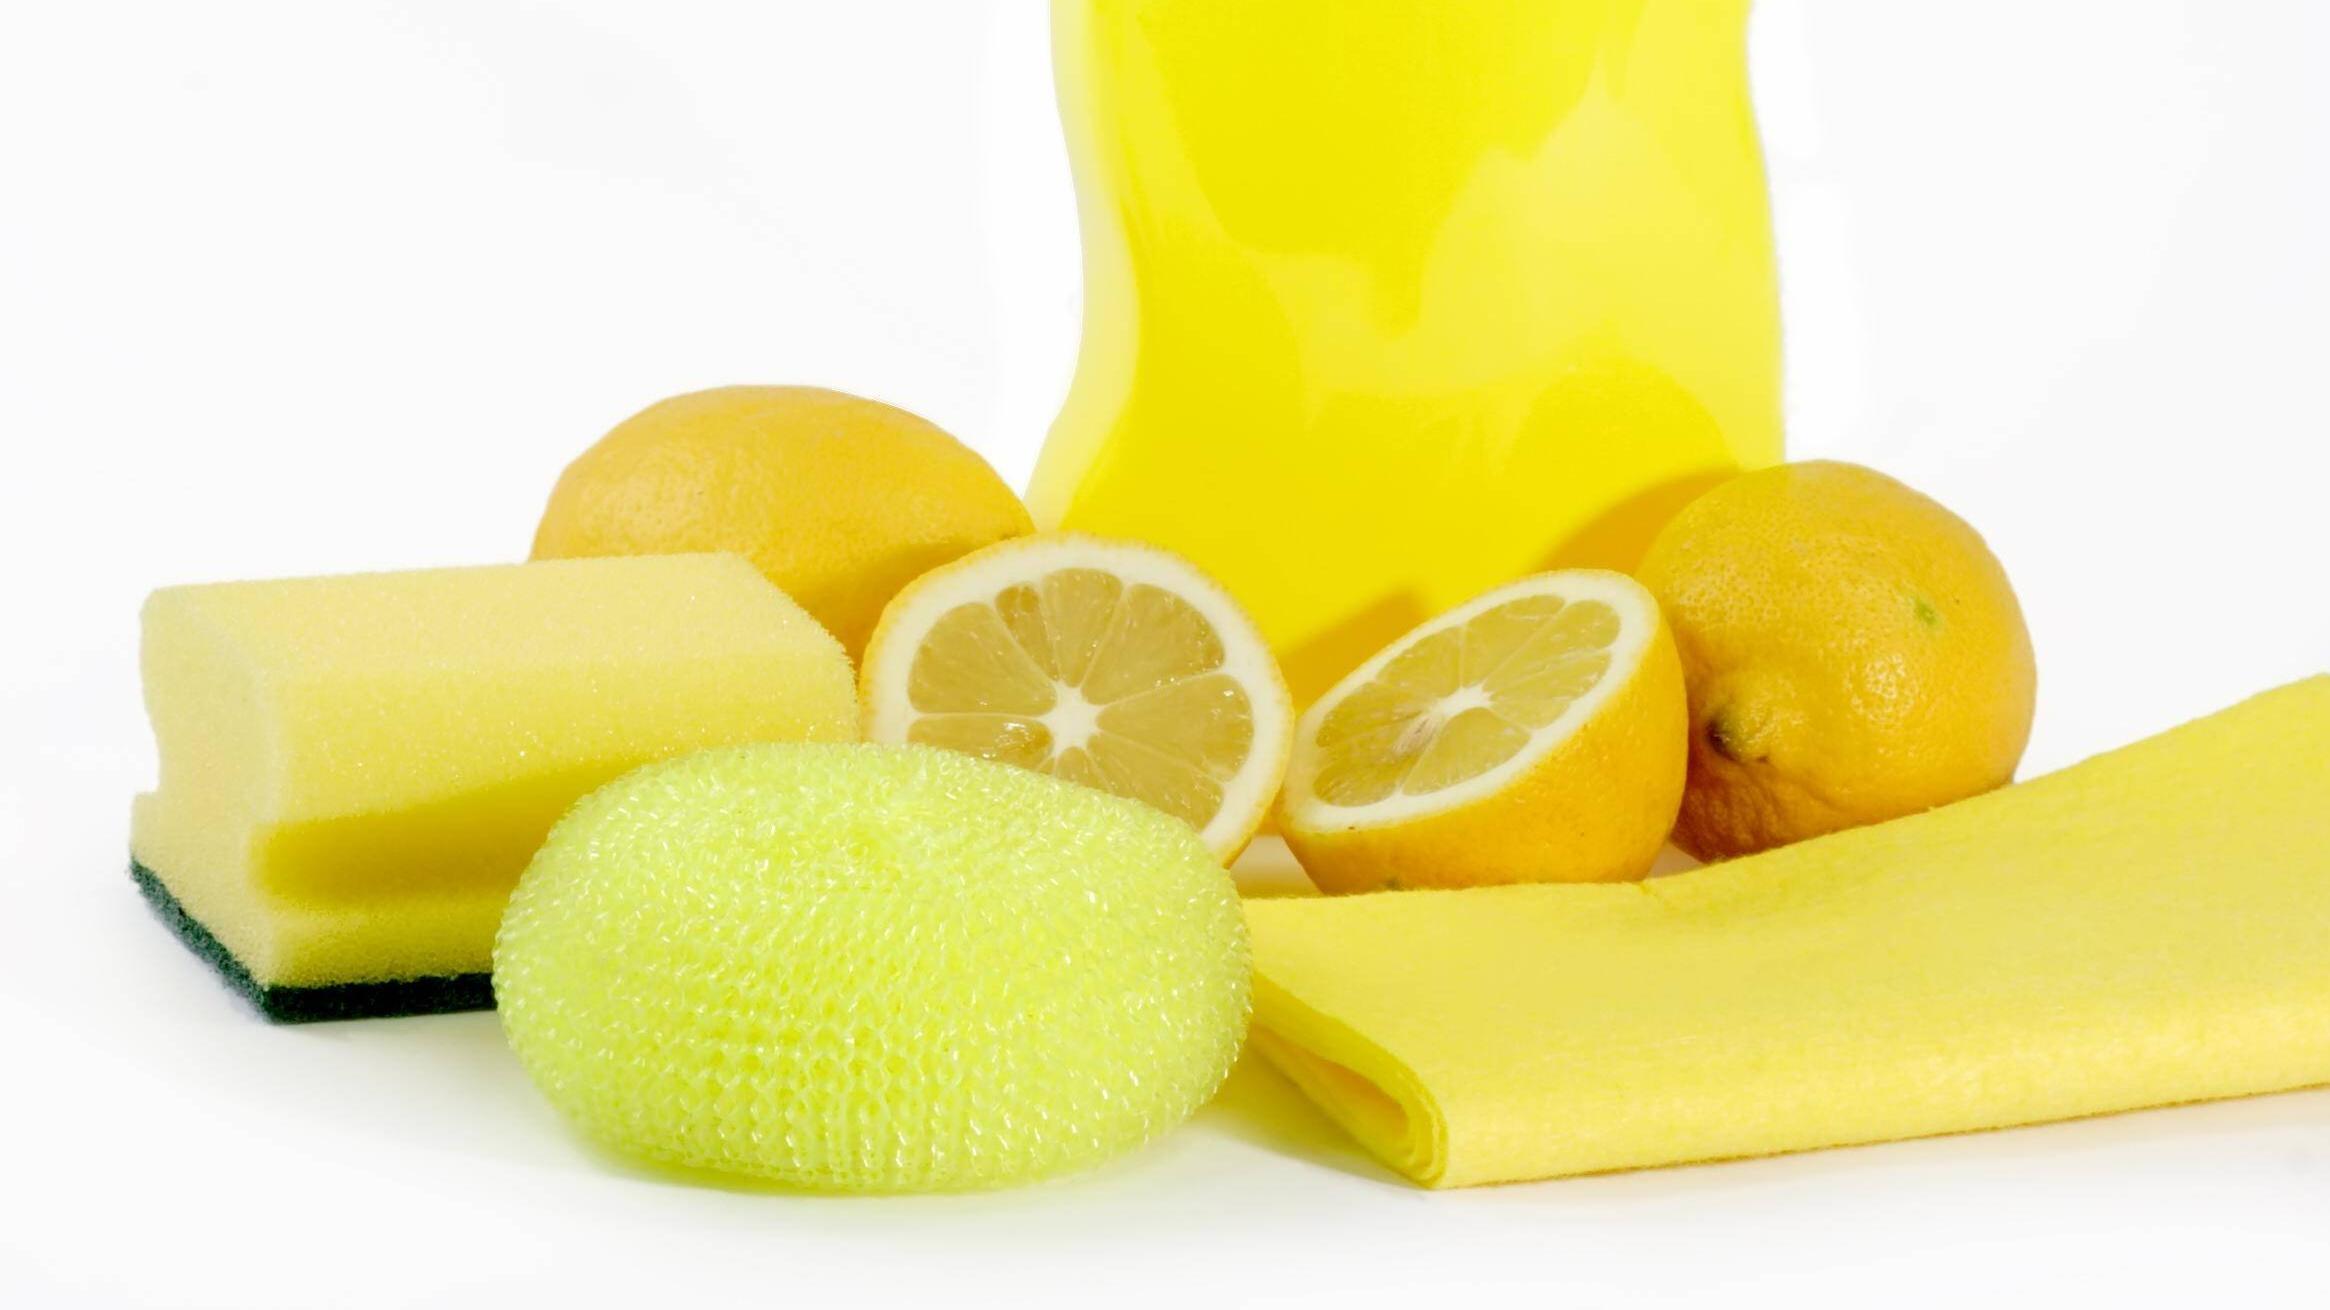 Allzweckreiniger selber machen: 3 einfache, umweltschonende Rezepte